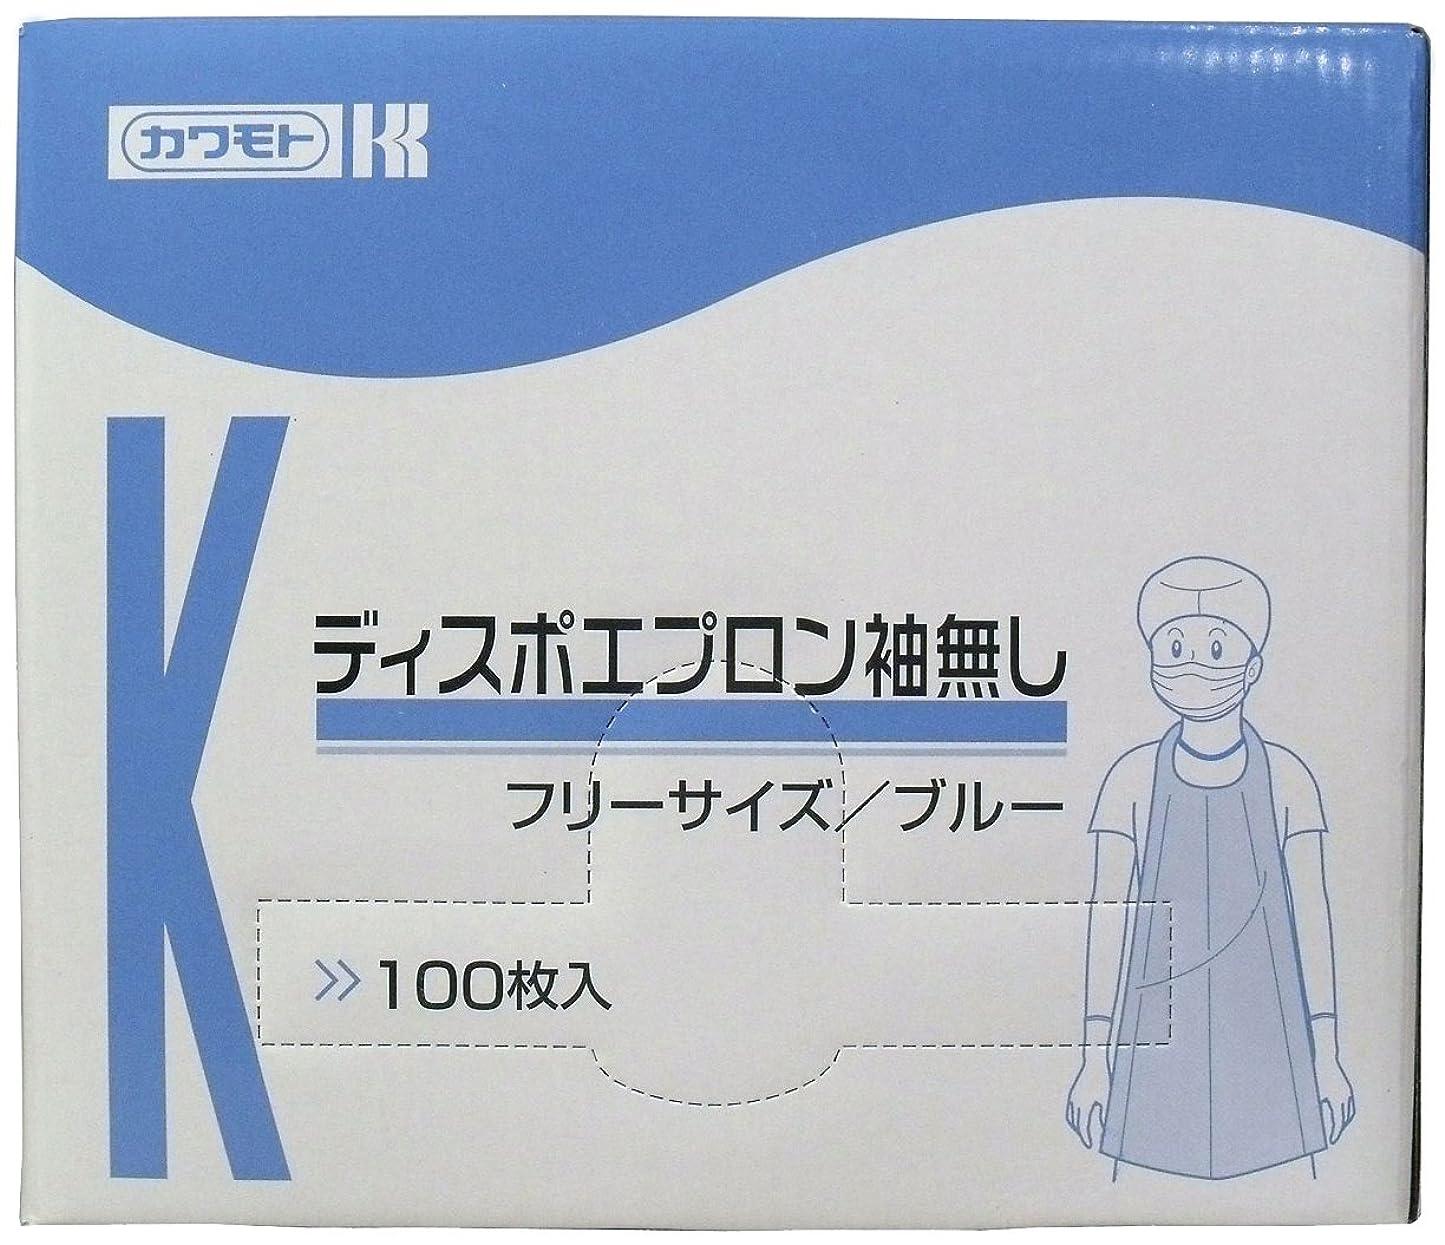 贅沢ナース行為KAZEN アプロン カゼン メンズ介護用エプロン 906-71(サックス)M